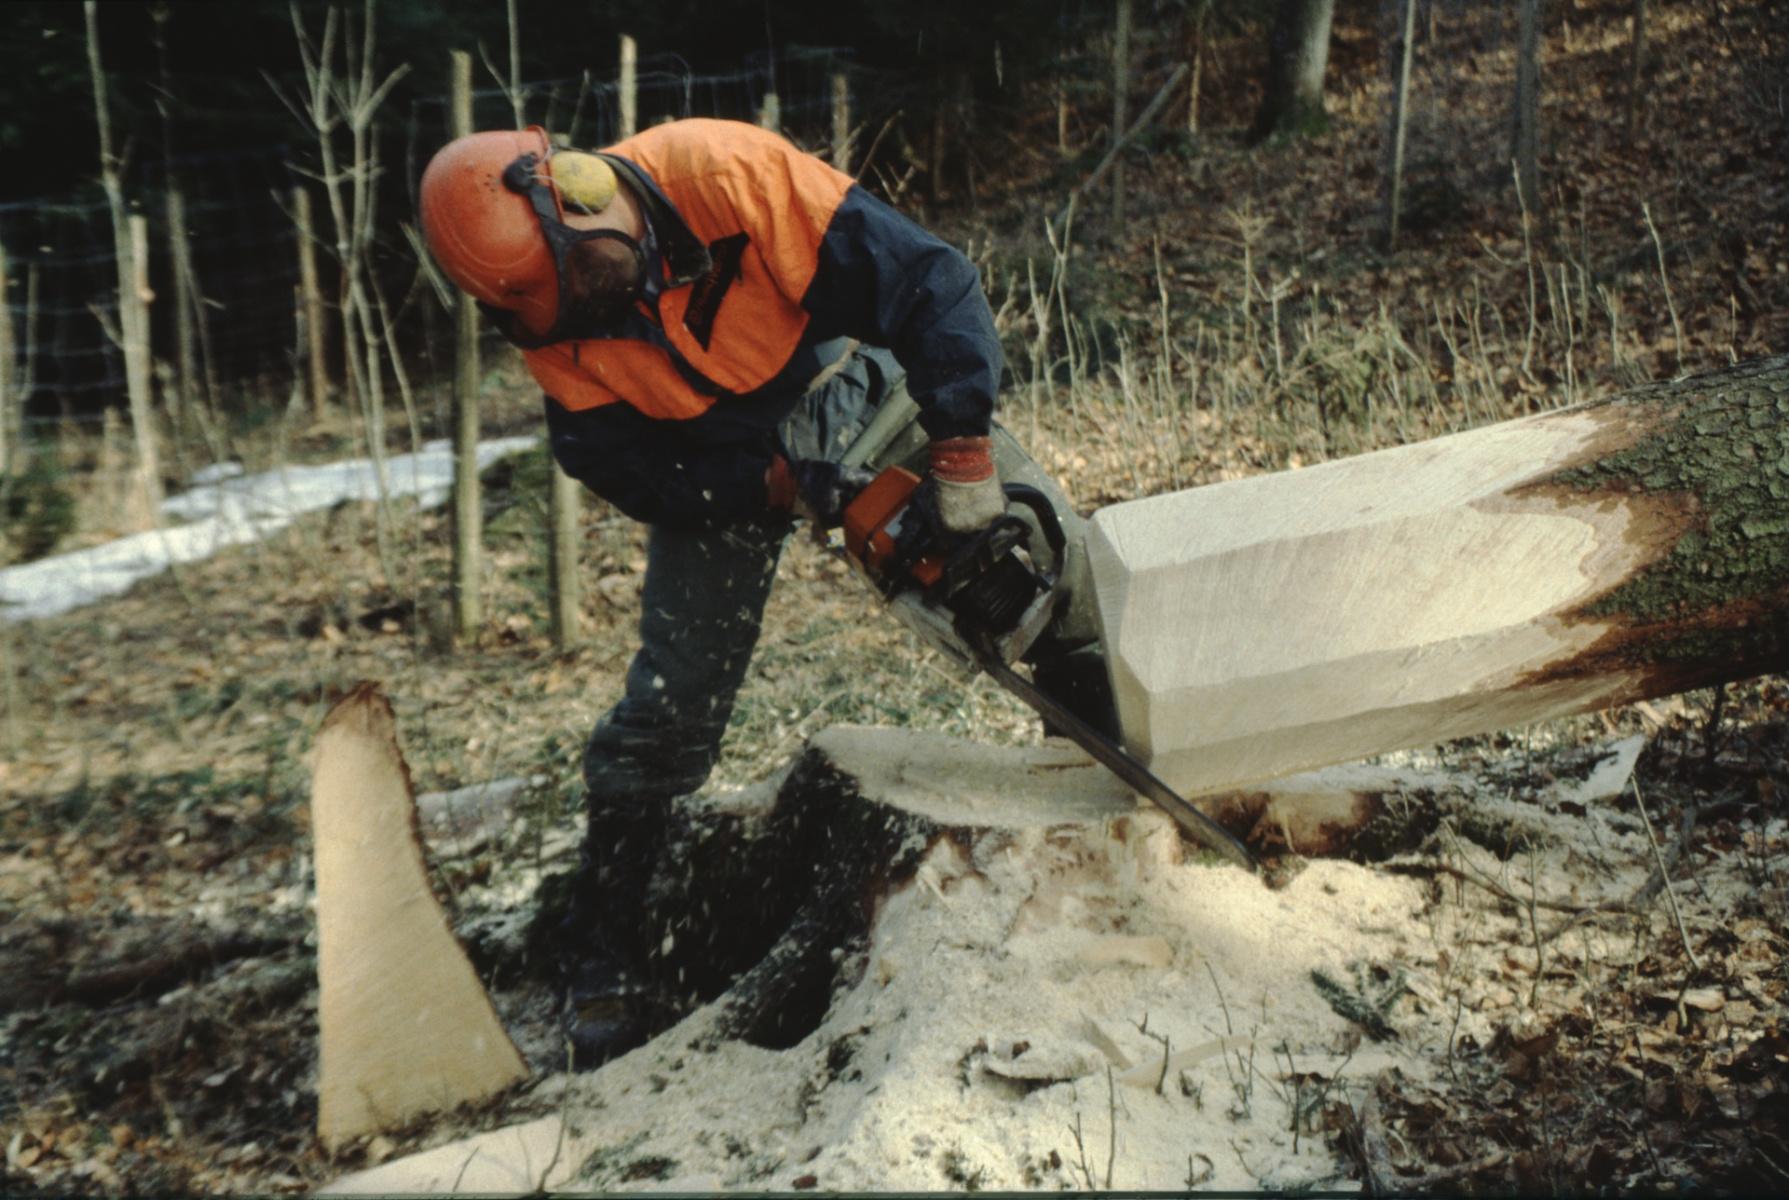 Unmittelbar nach dem Fällen bearbeiten der Schnittstelle. Bäume fällen.